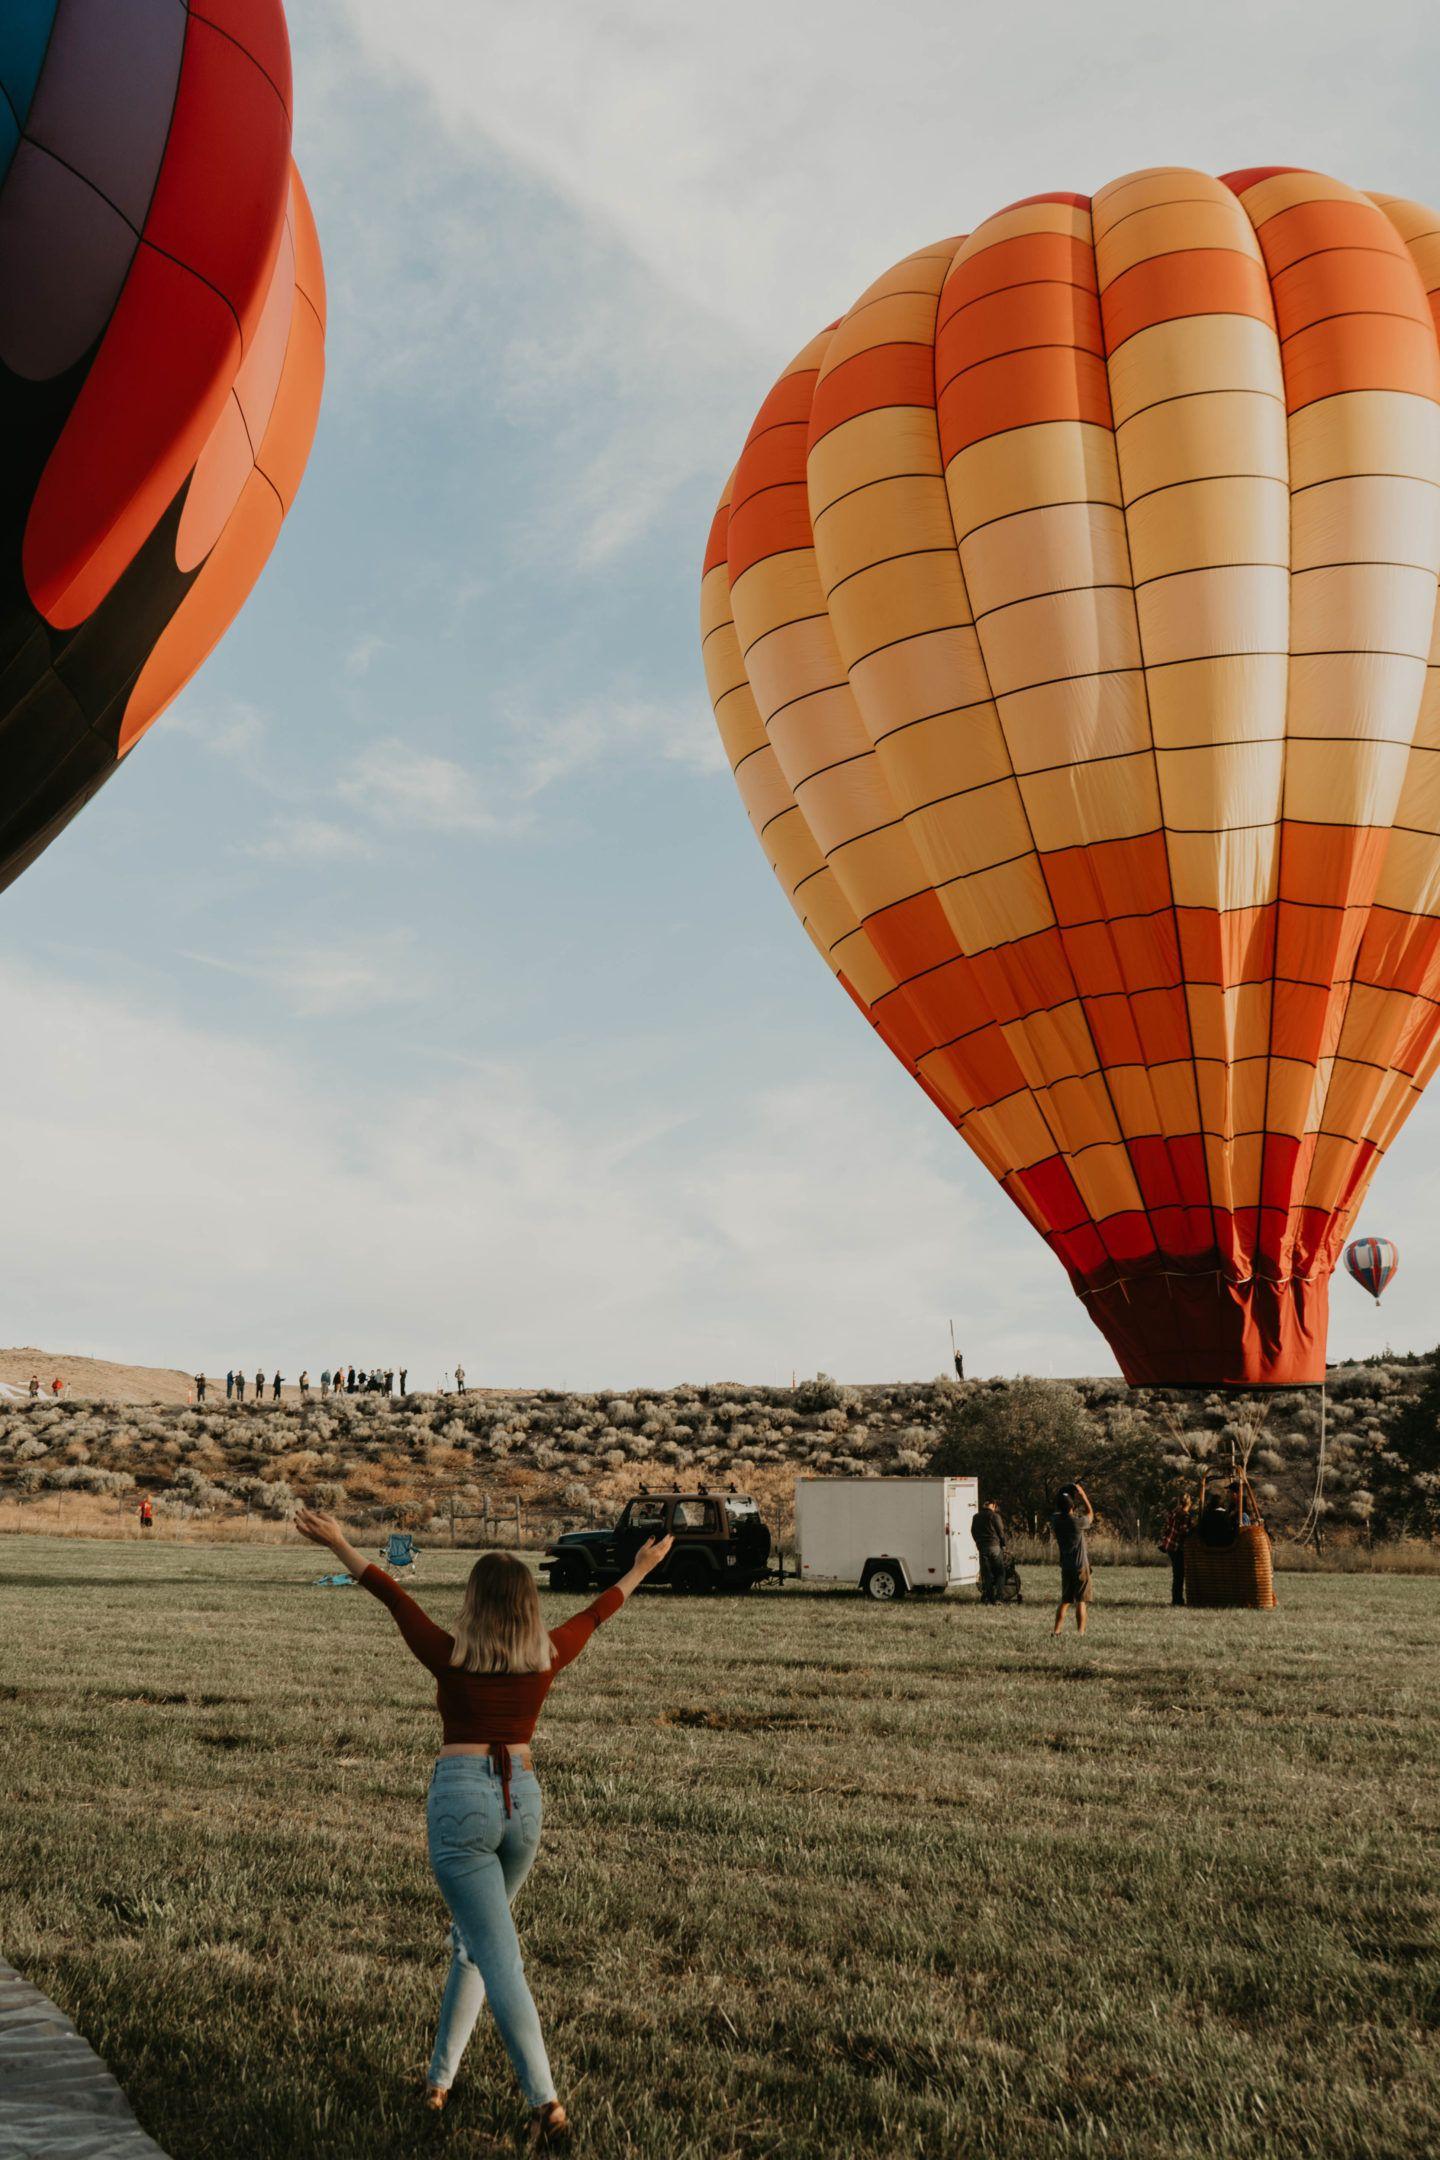 THE GREAT RENO BALLOON RACE Balloon race, Ballooning